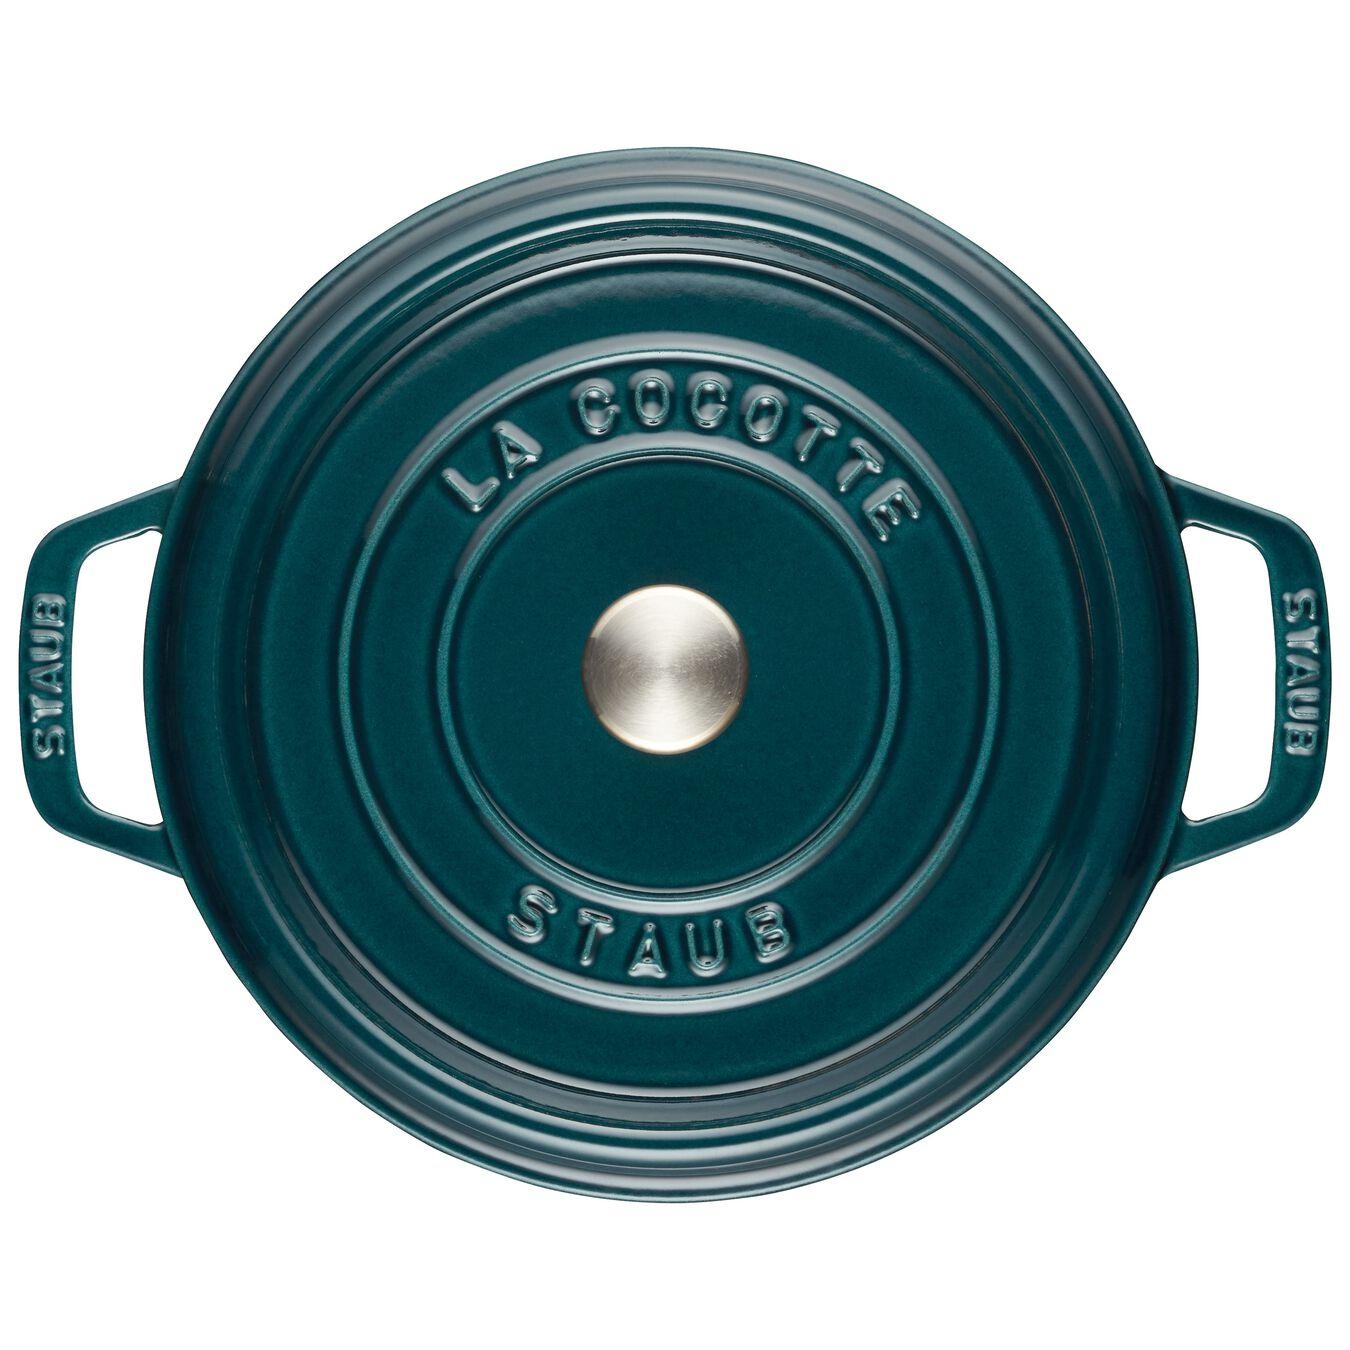 Cocotte 24 cm, Rond(e), La-Mer, Fonte,,large 2